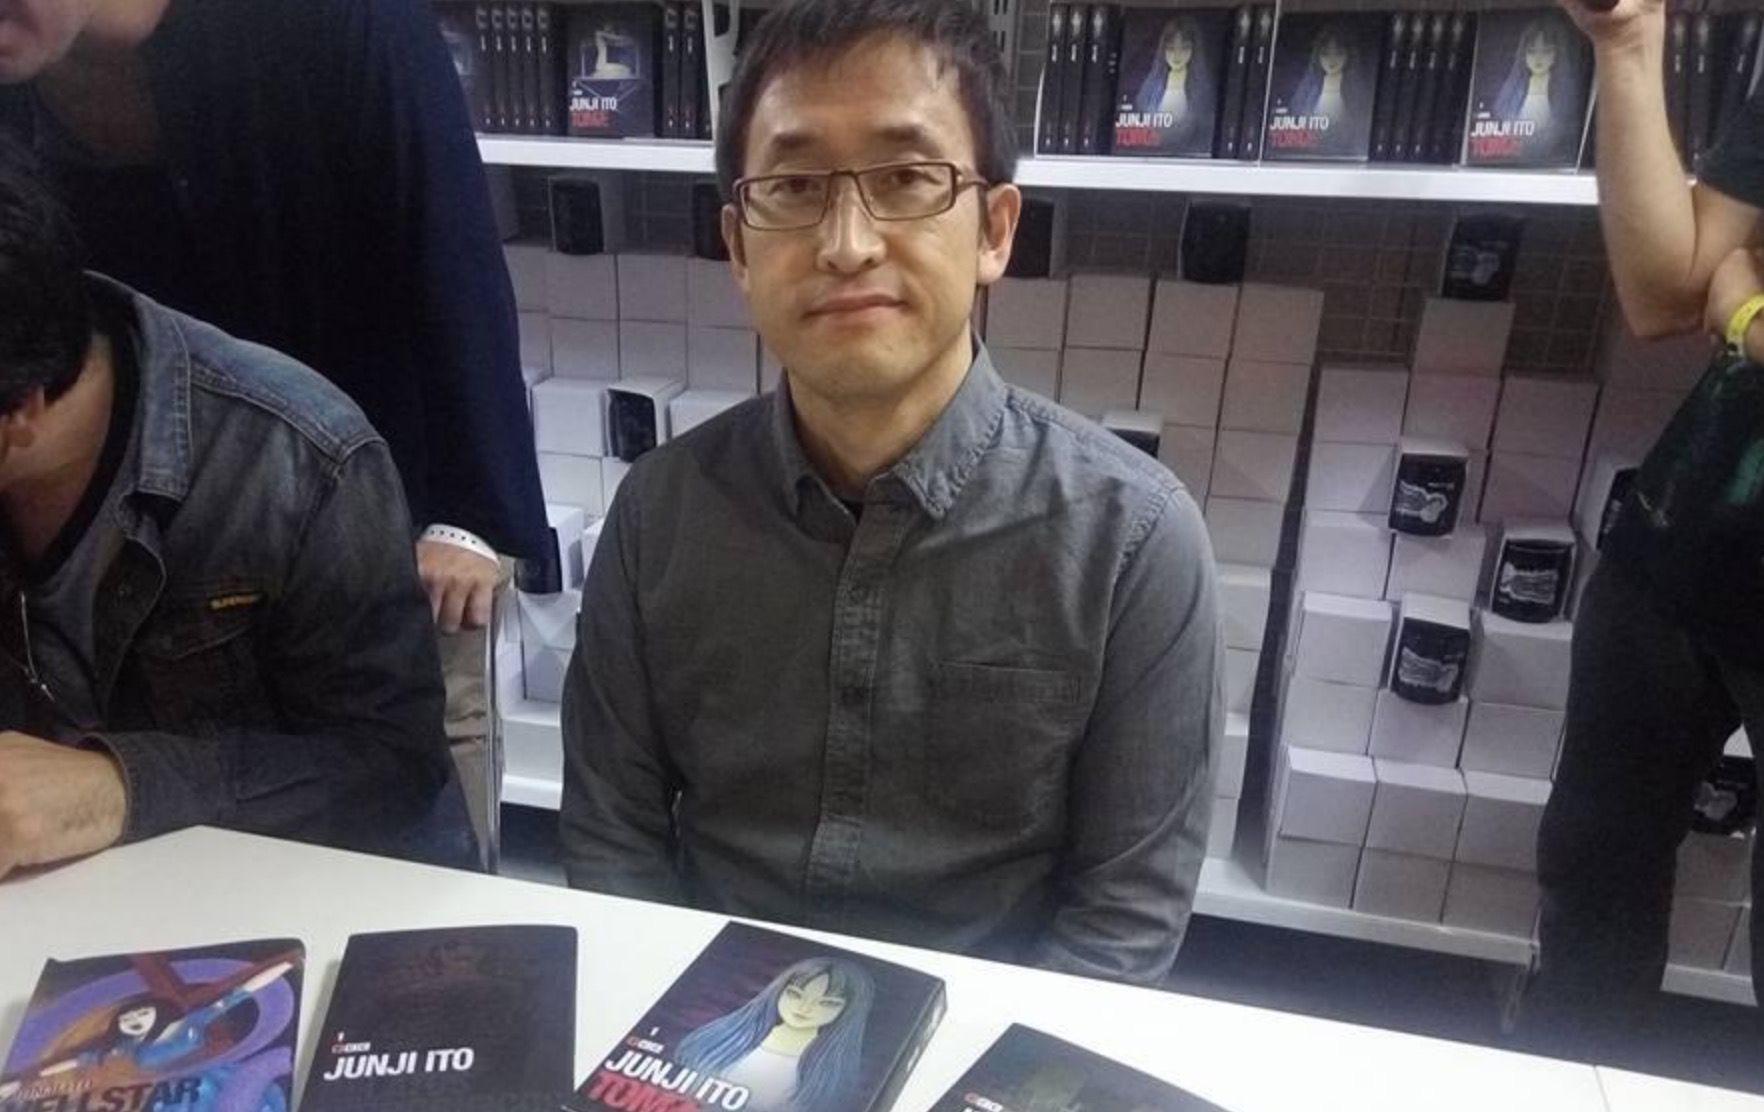 Hemos entrevistado a Junji Ito en el Salón de Manga de Barcelona